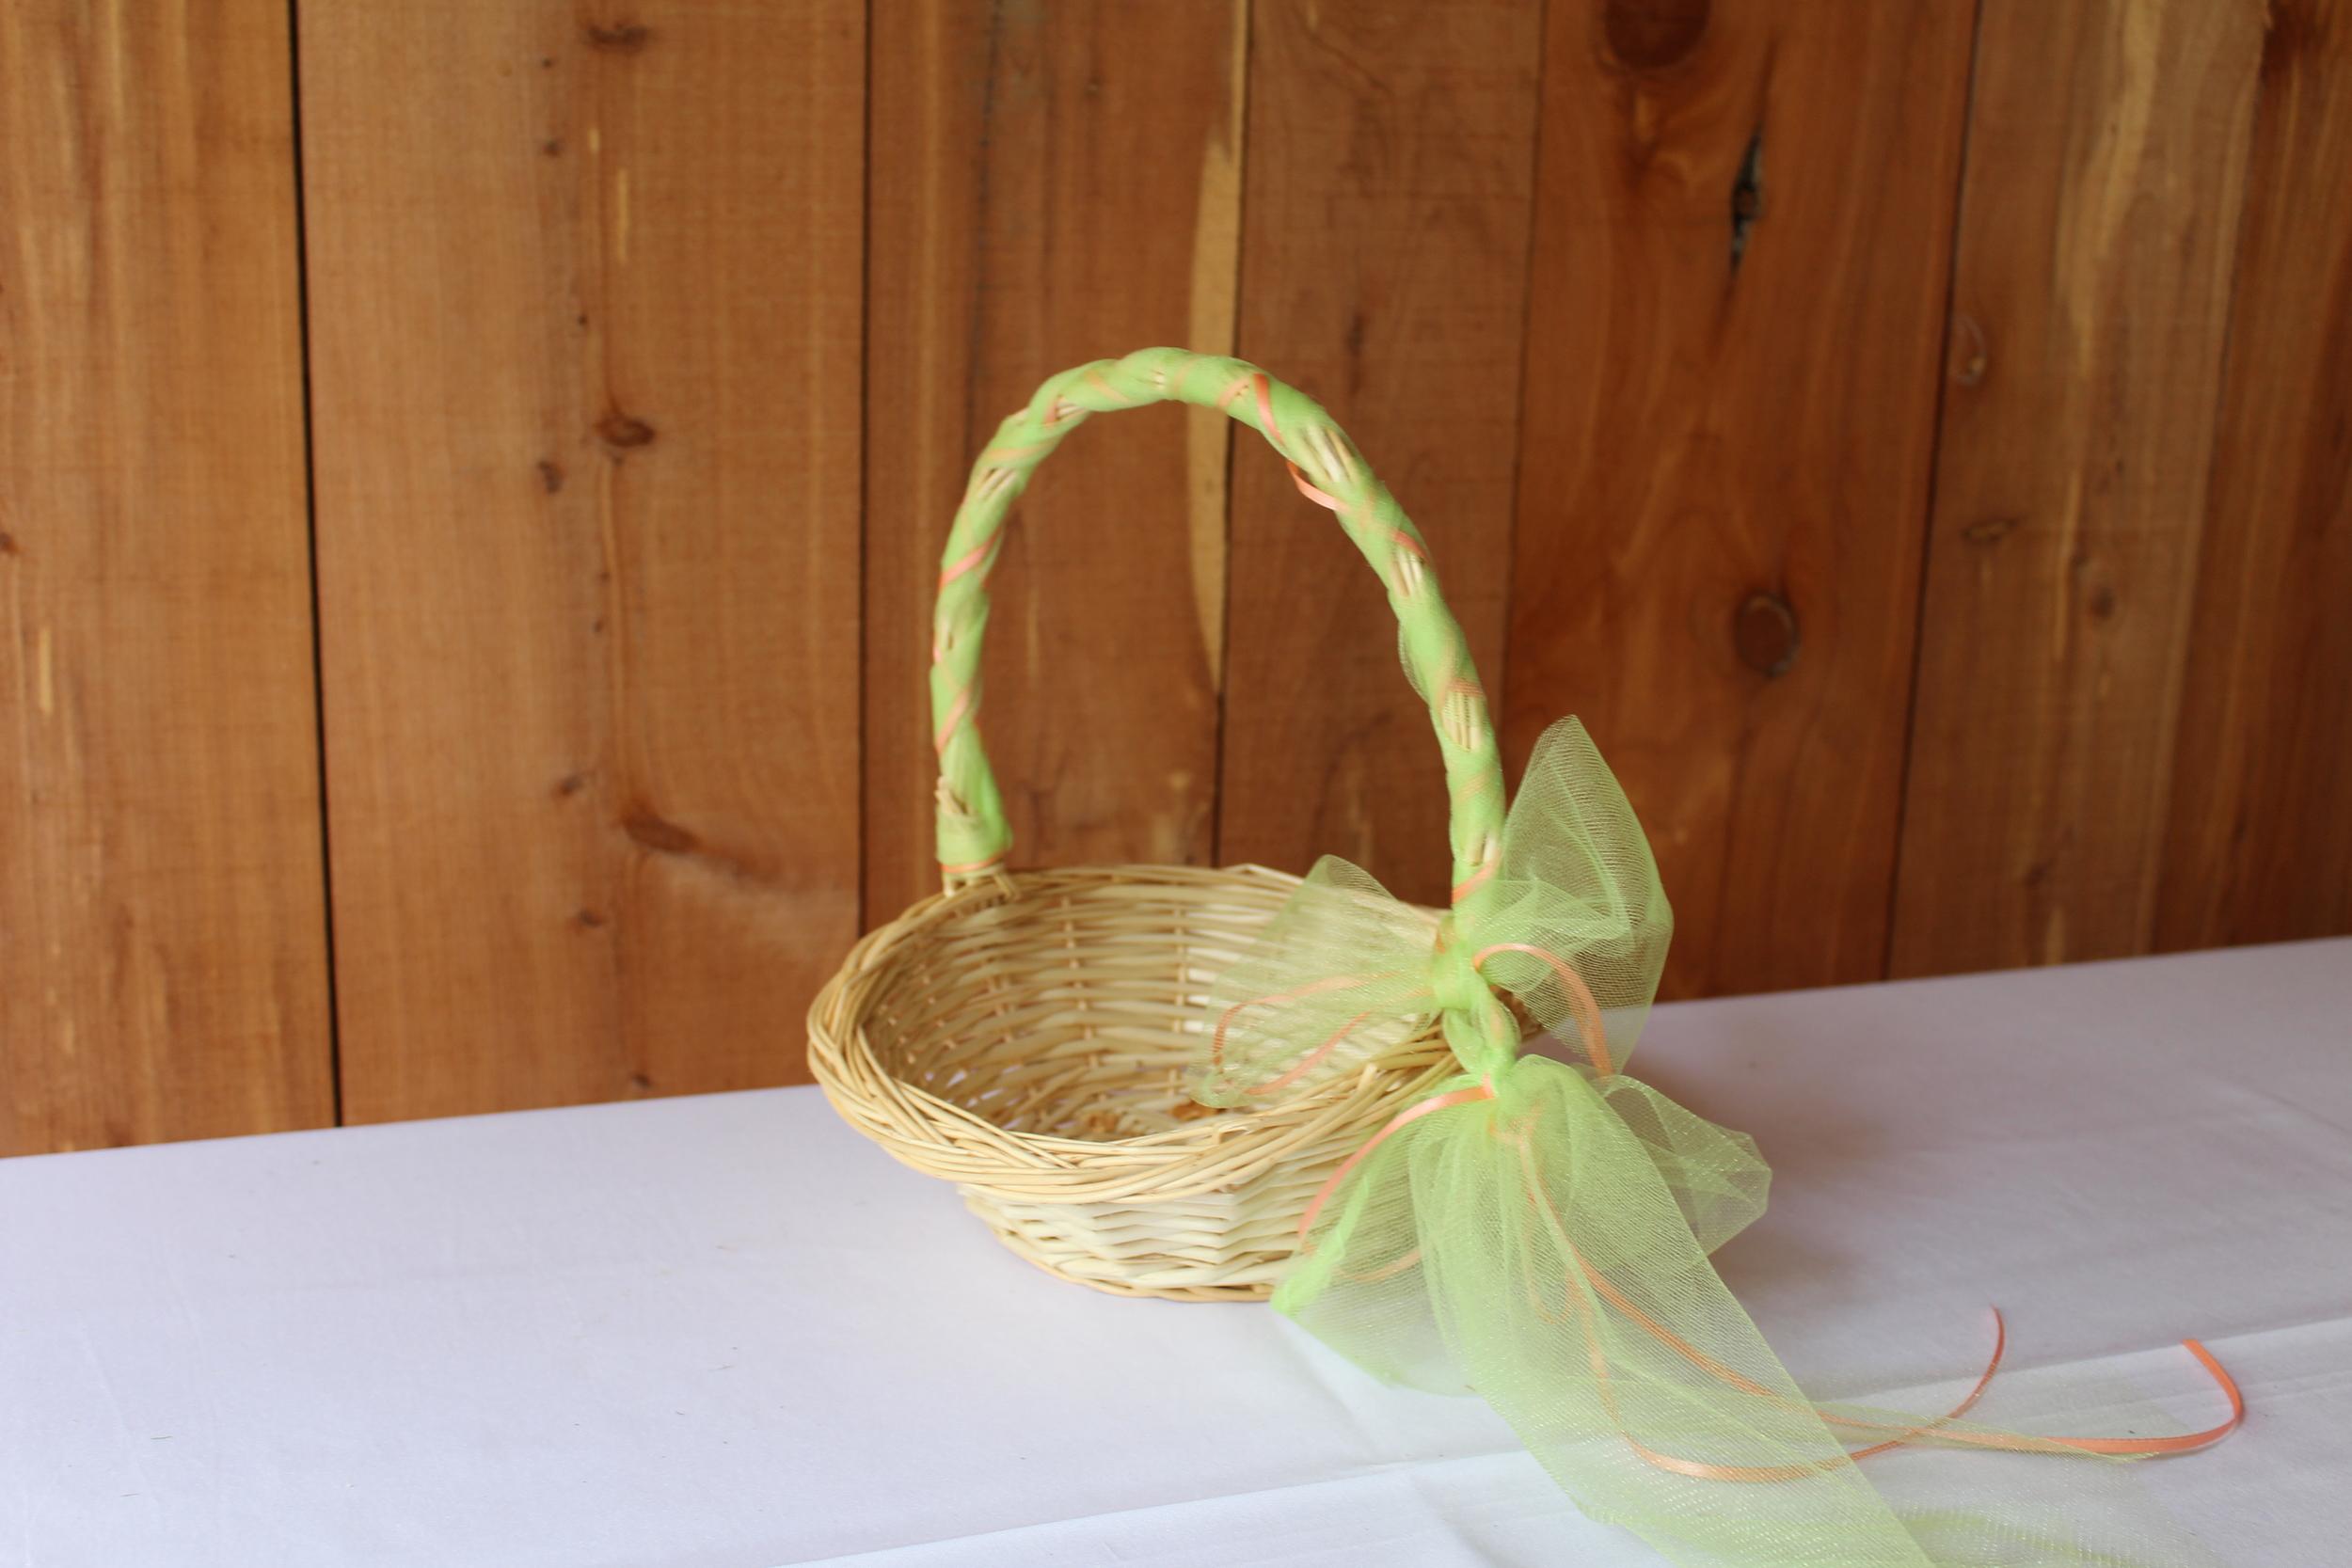 #69 - Green Wicker Basket